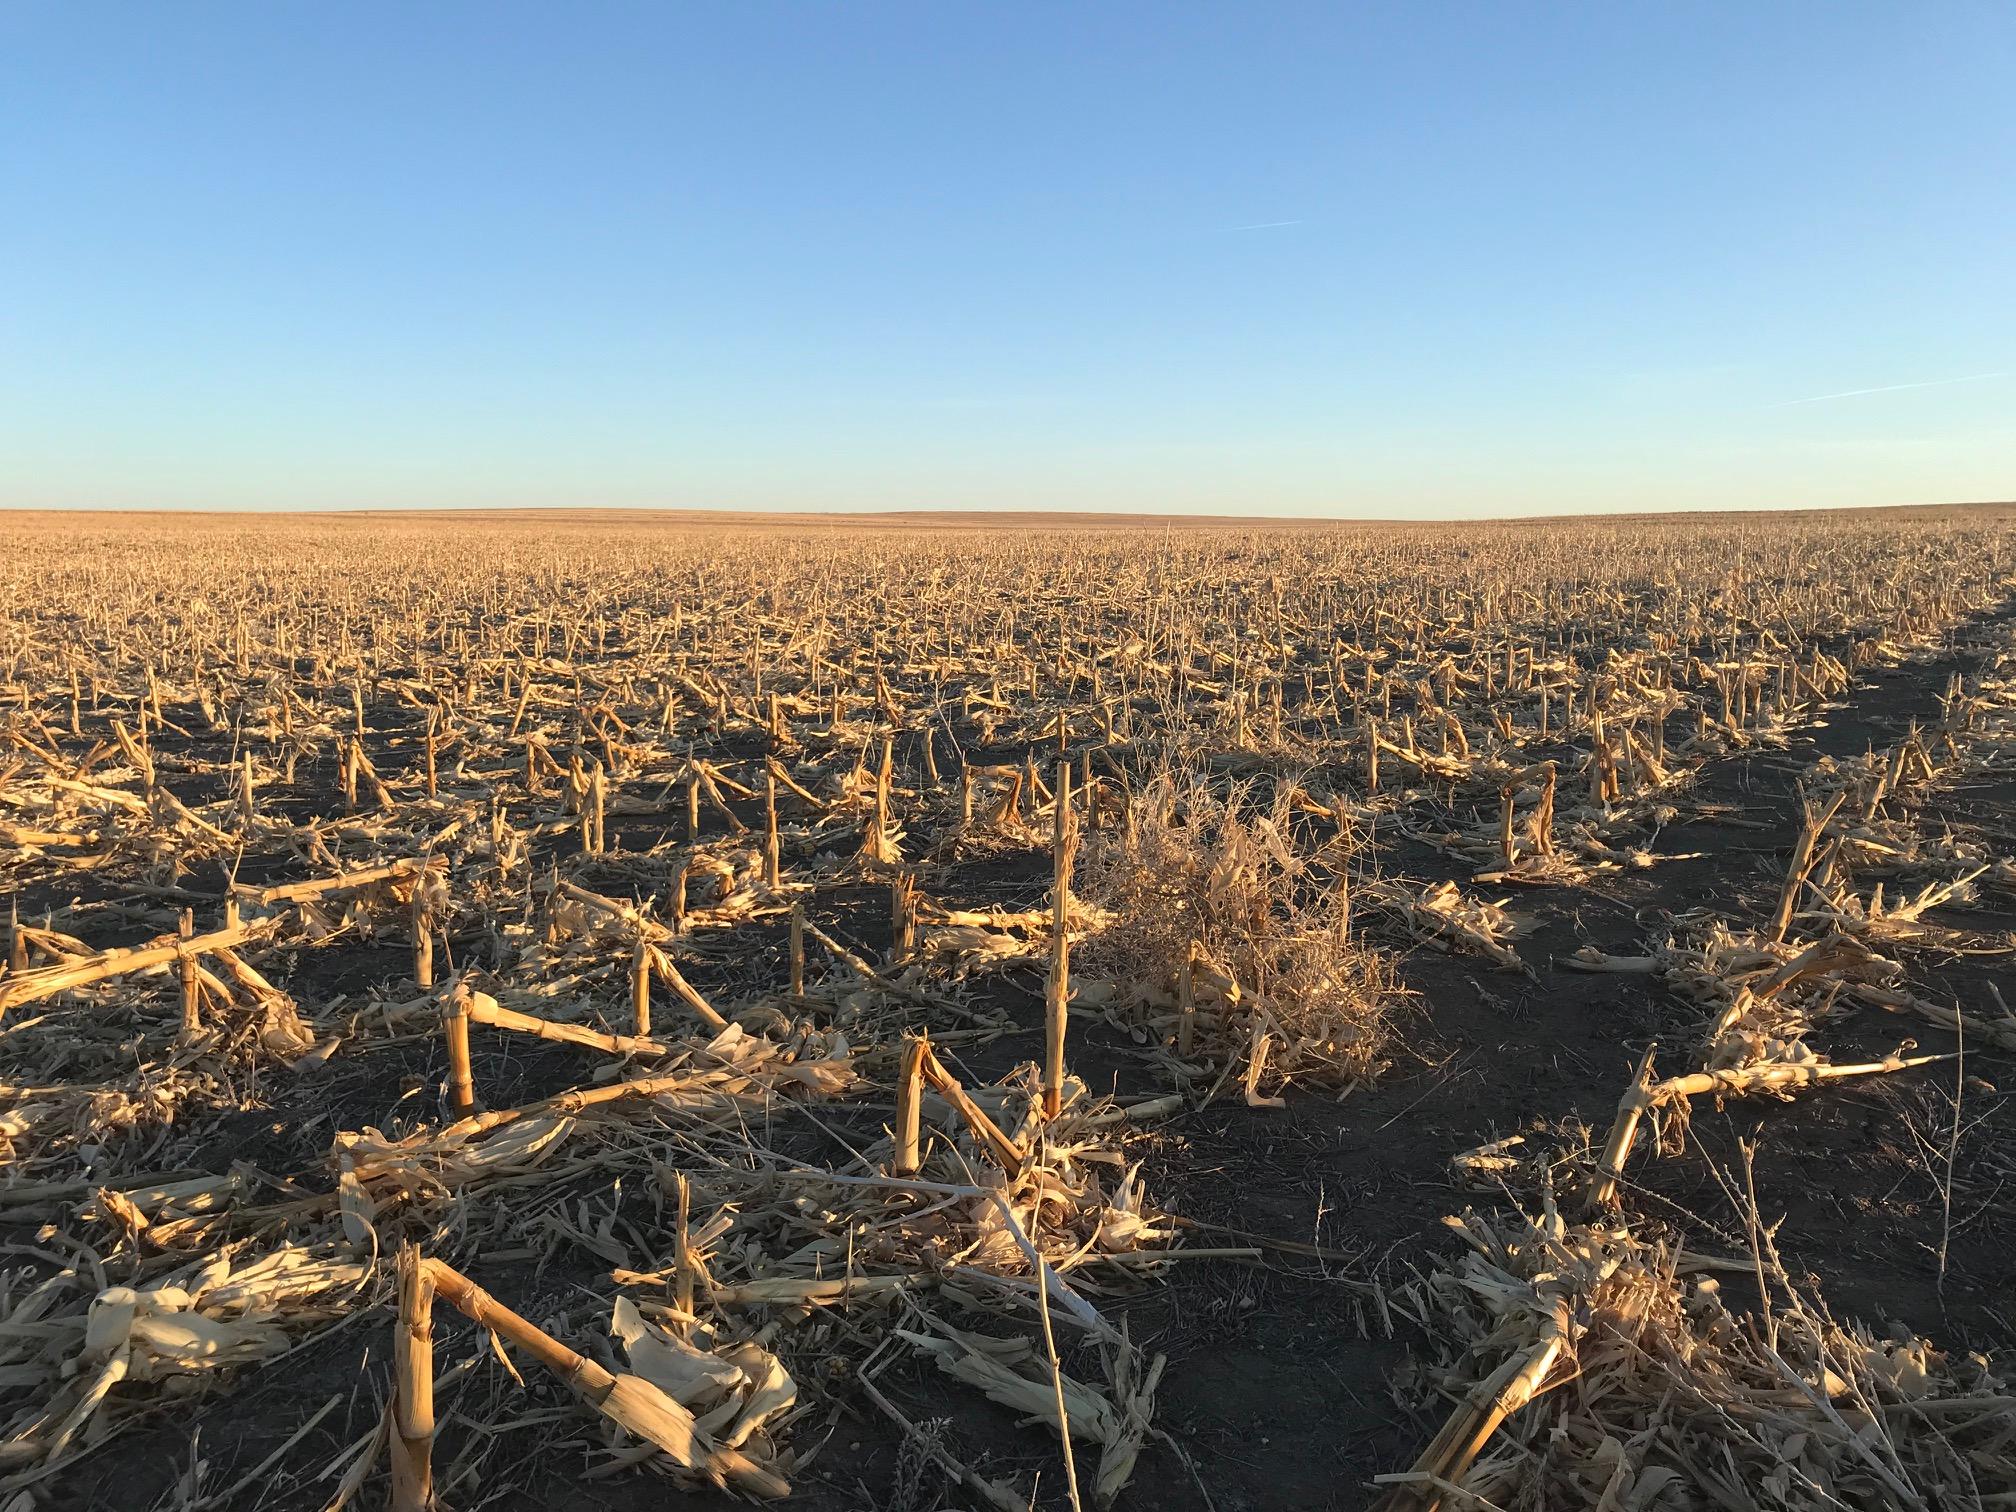 Tract-2-corn-stubble-10.jpg